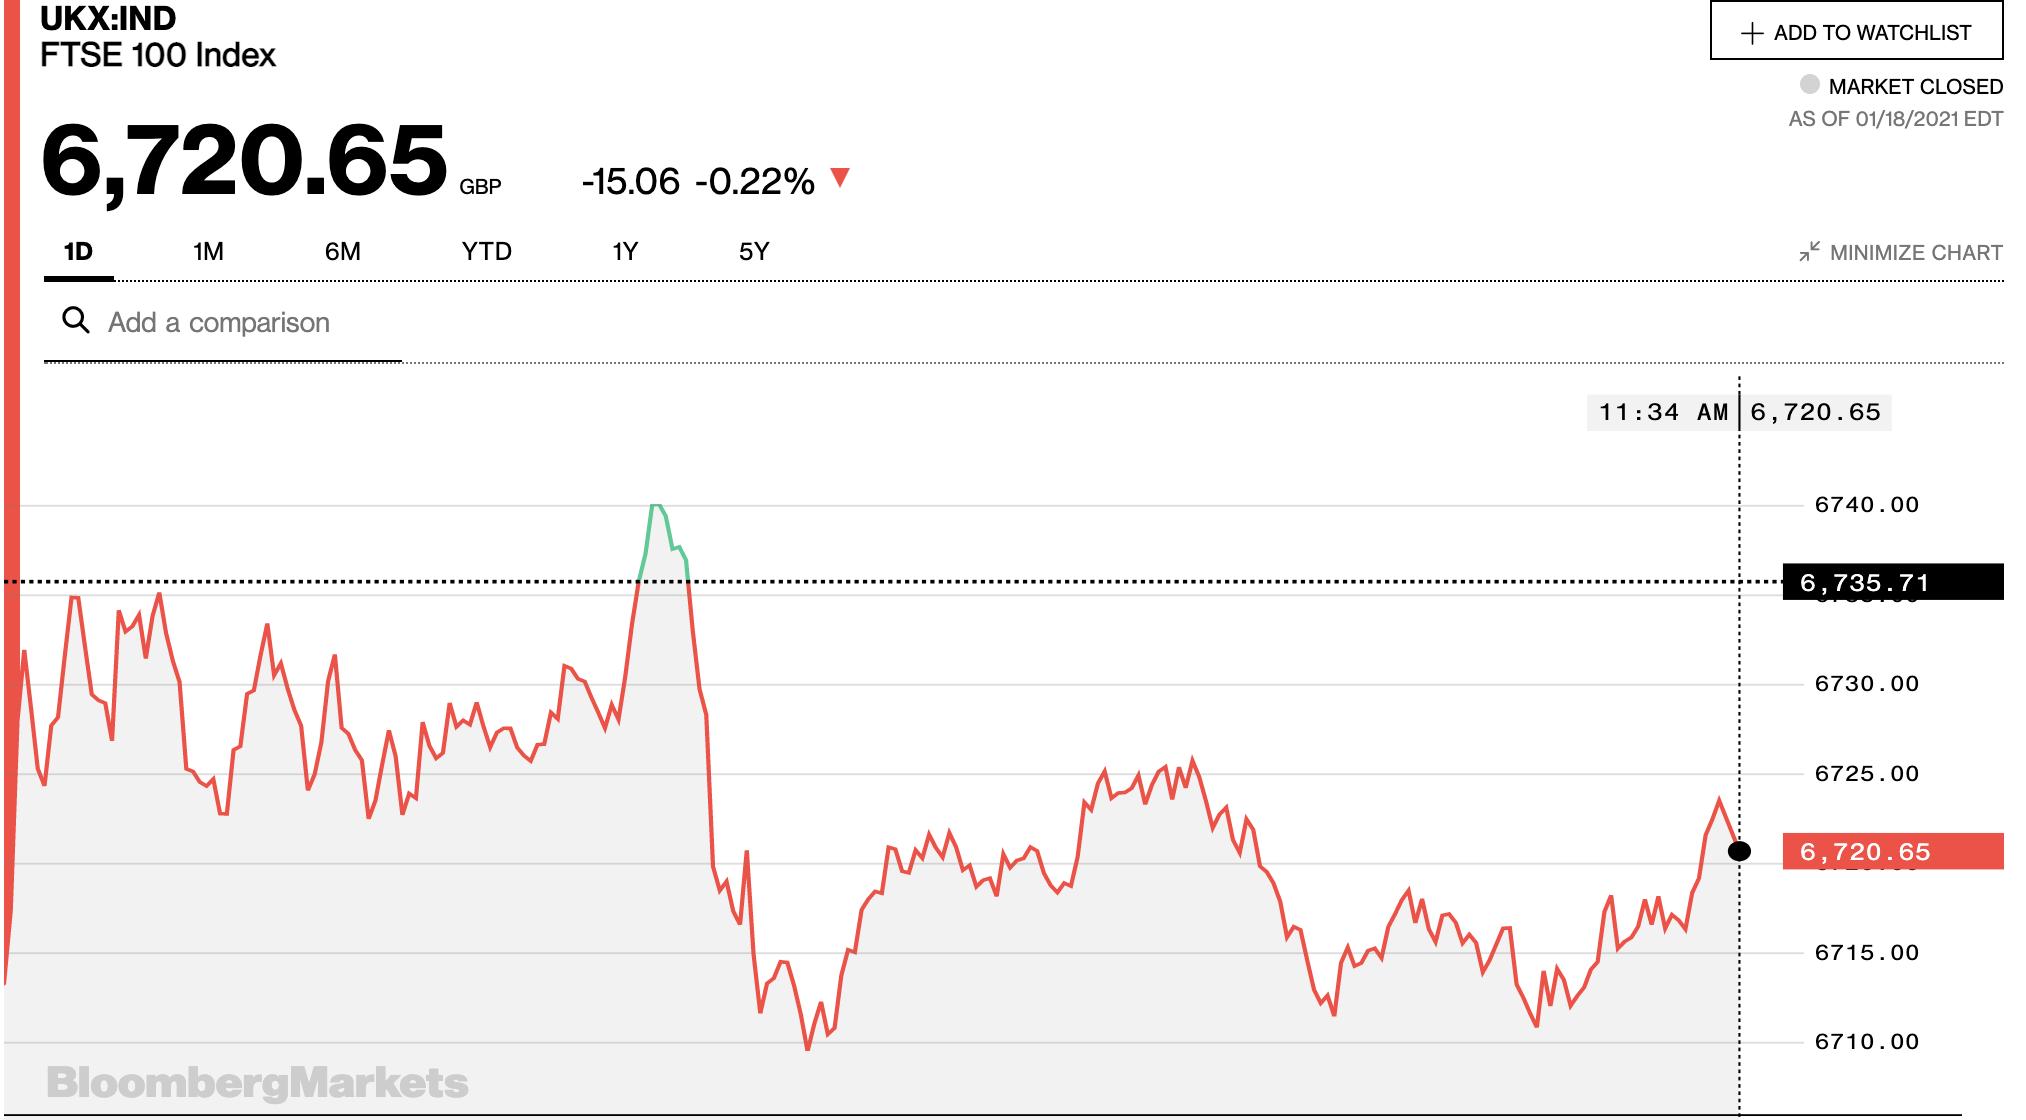 Tỷ giá euro hôm nay 19/1: Tăng nhẹ tại các ngân hàng trong nước và thị trường chợ đen - Ảnh 2.